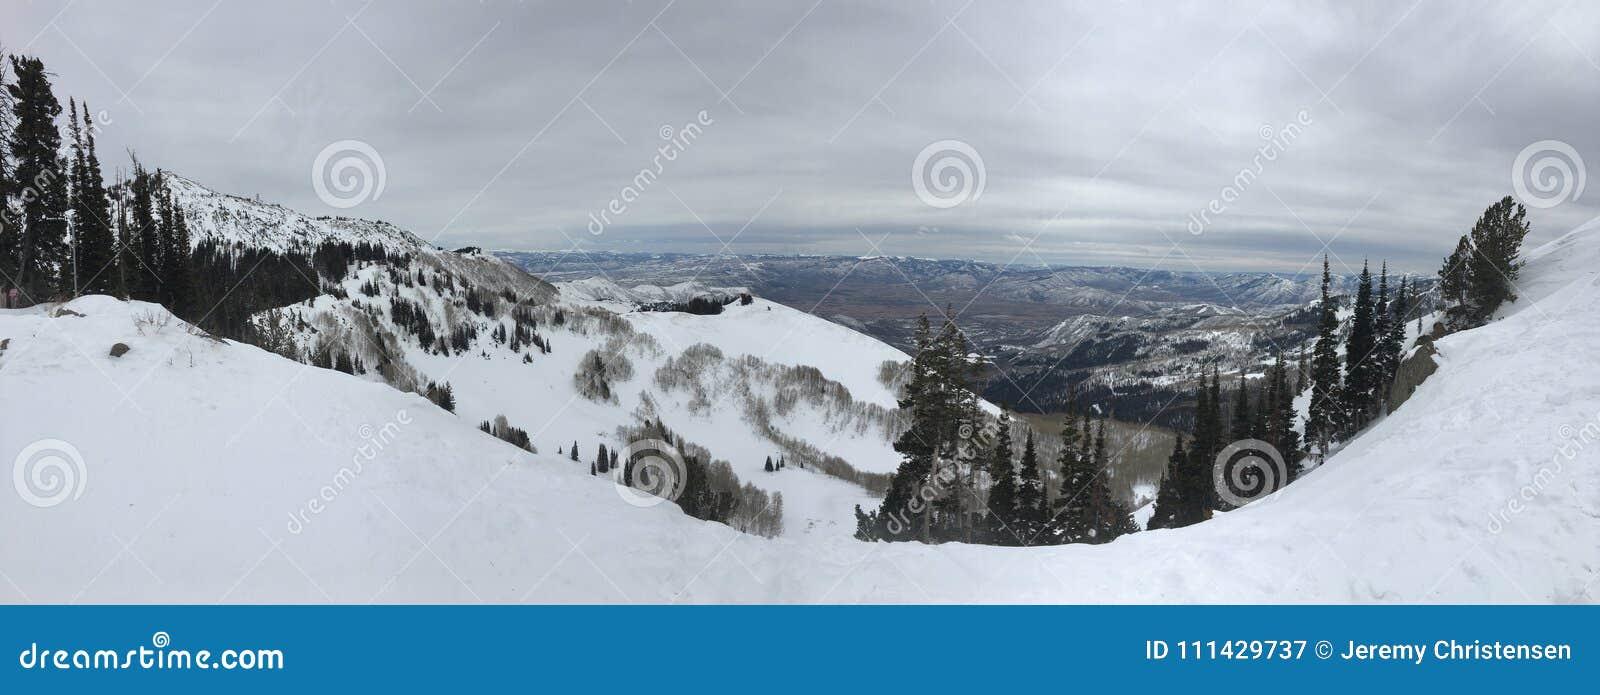 Взгляды зимы величественные вокруг гор Уосата передних скалистых, лыжного курорта Брайтона, близко к озеру сол и долине Heber, Pa